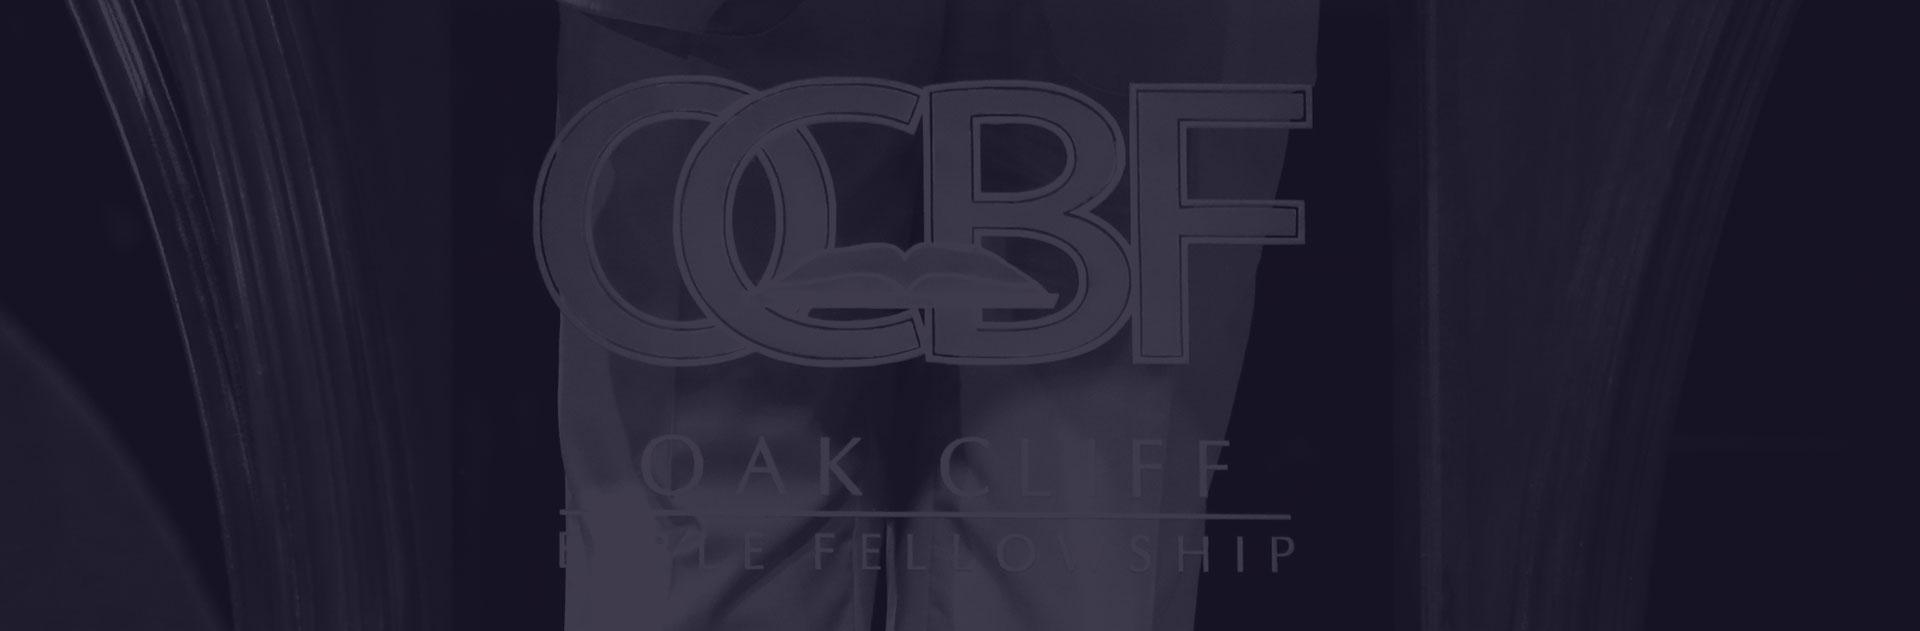 Oak Cliff External - Login